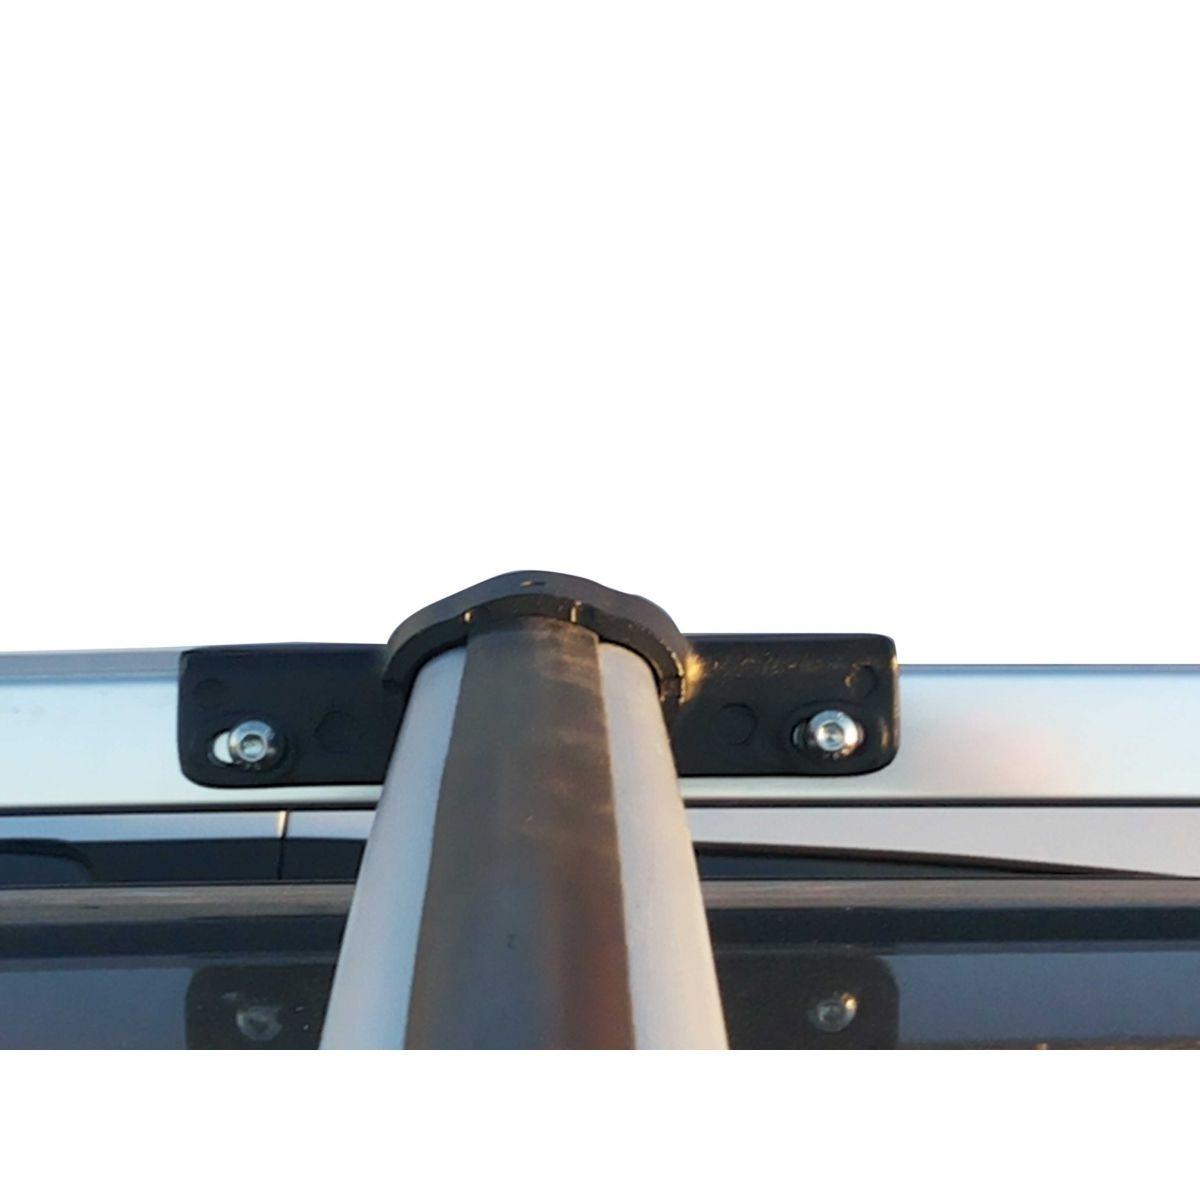 Travessa rack de teto Spin 2013 a 2017 fixação original